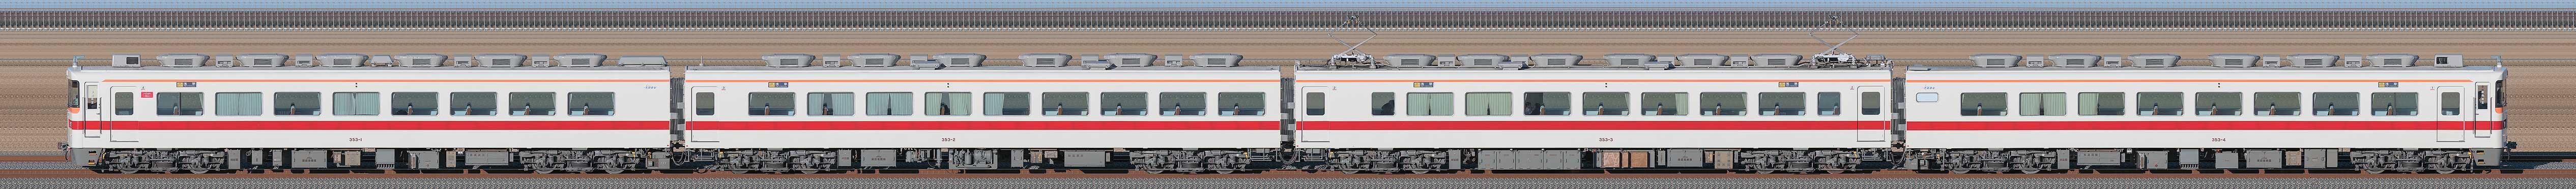 東武350型353編成(海側)の編成サイドビュー